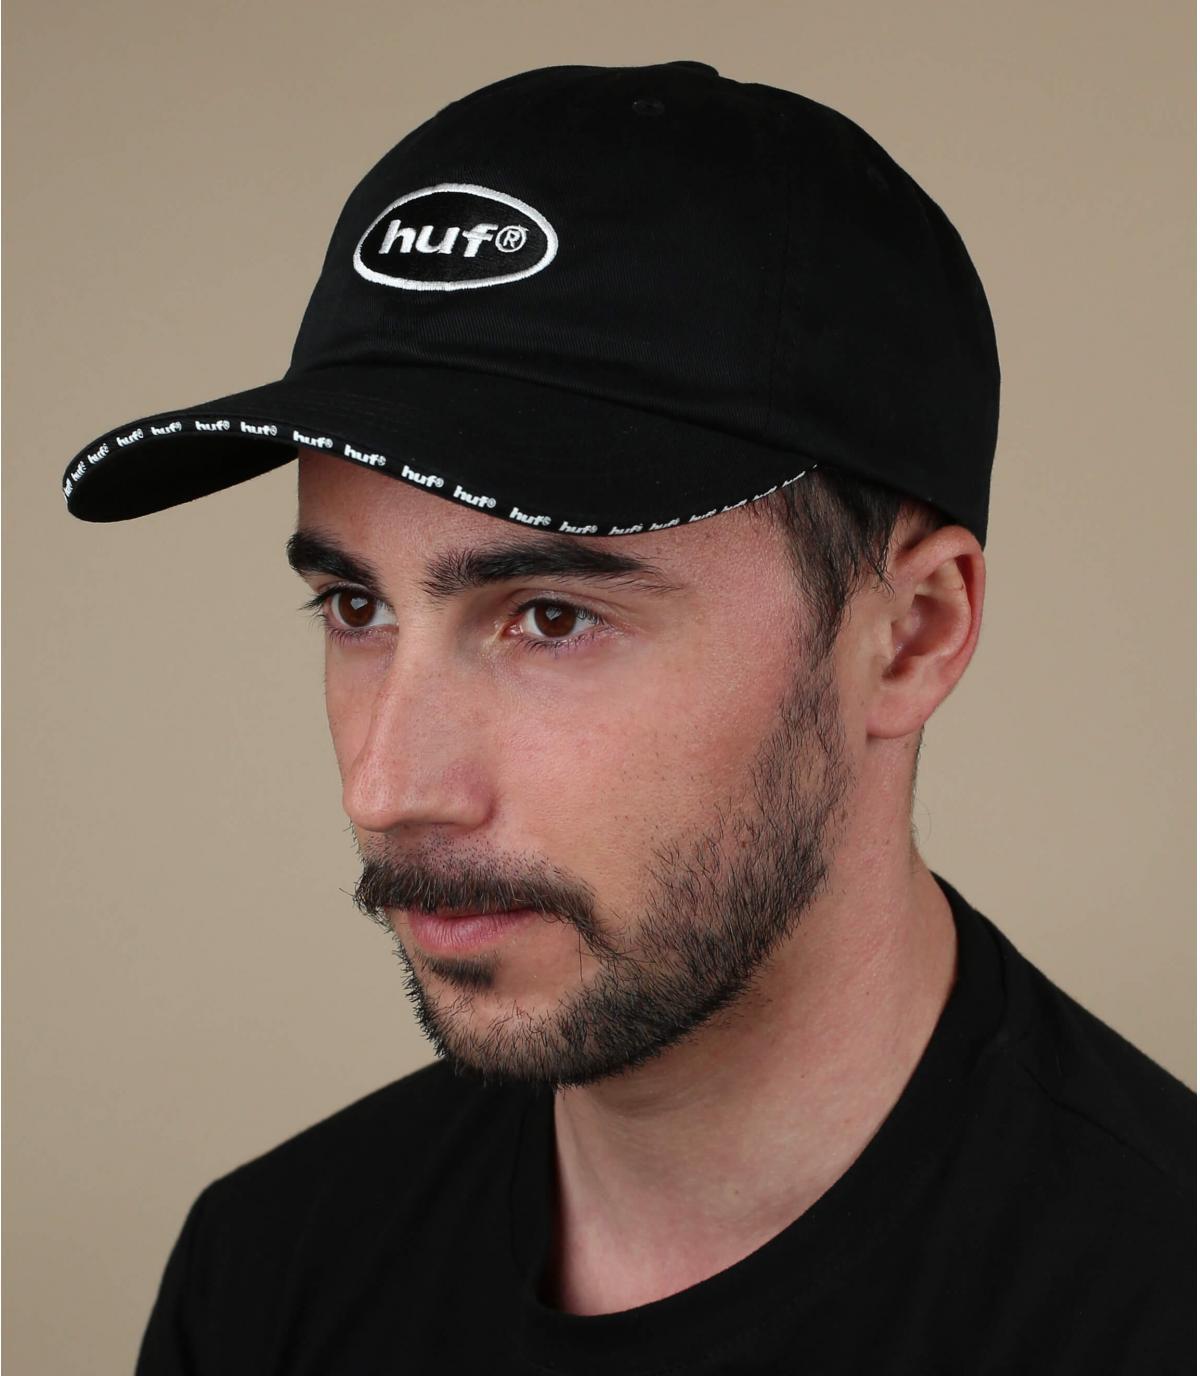 Huf black cap